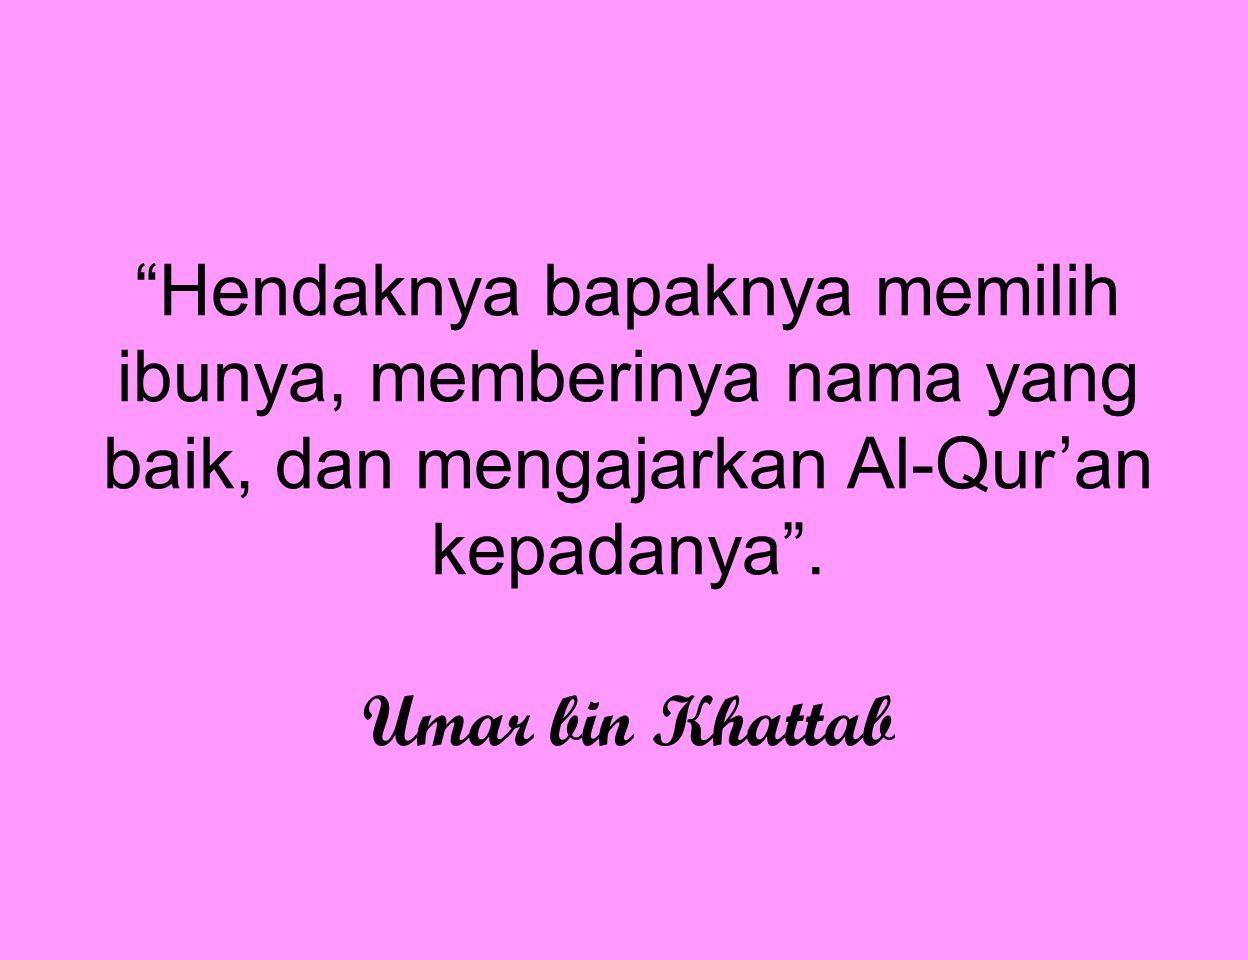 Hendaknya bapaknya memilih ibunya, memberinya nama yang baik, dan mengajarkan Al-Qur'an kepadanya .